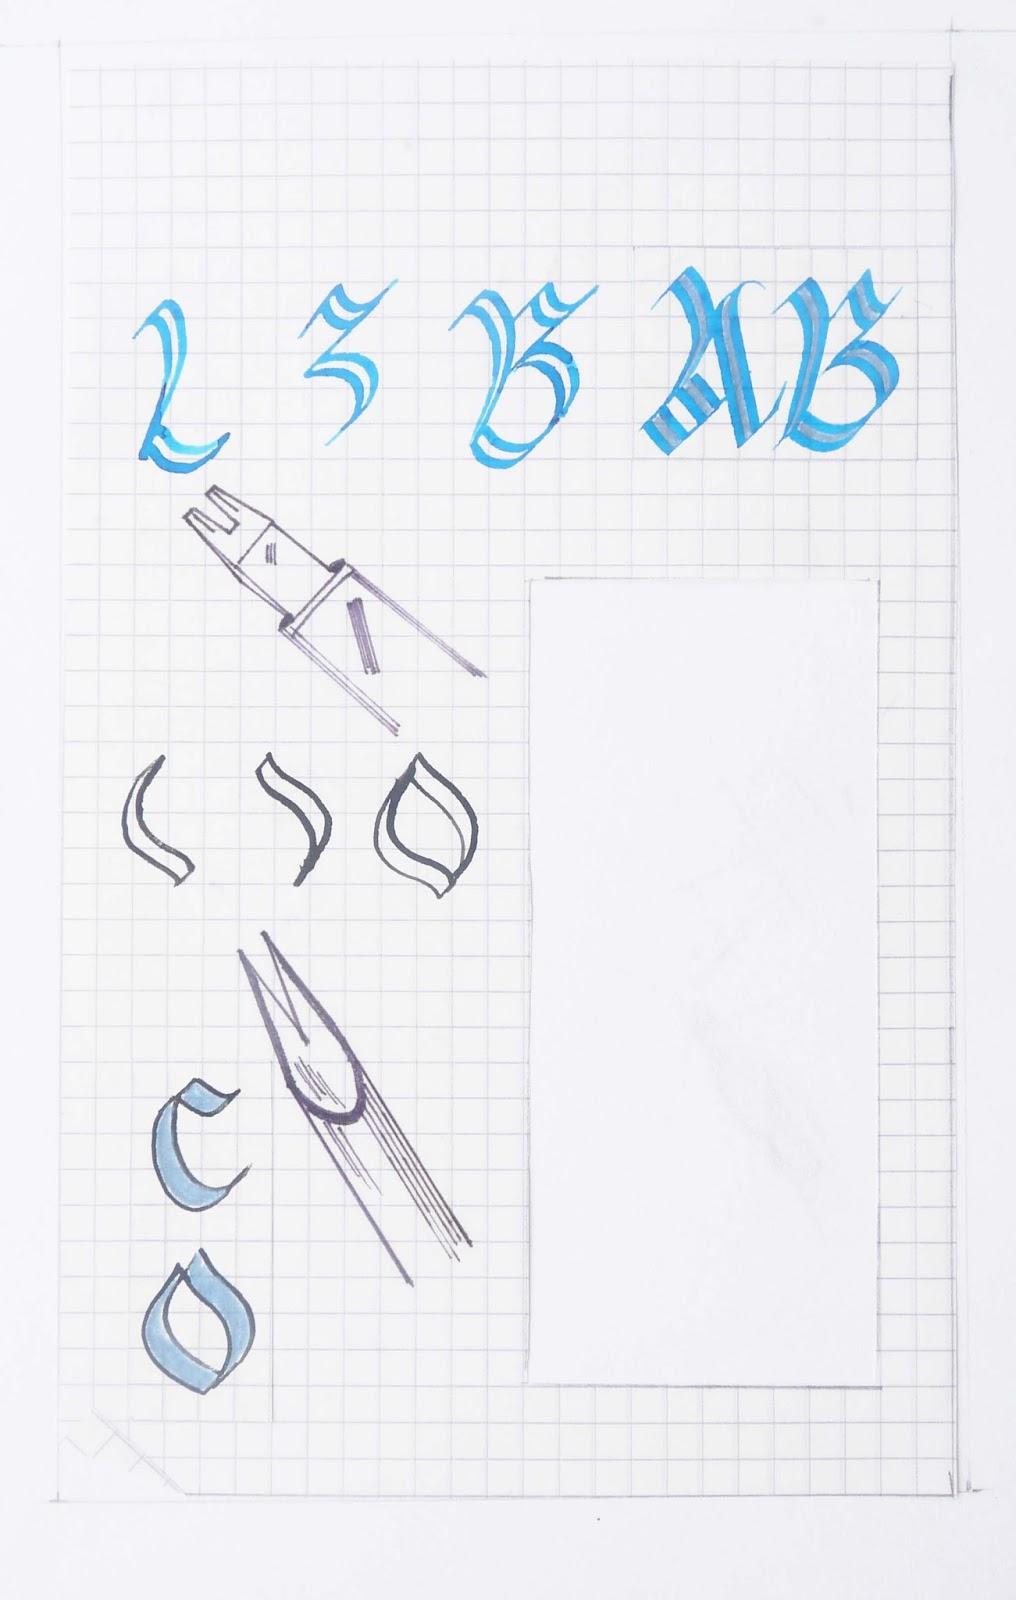 caligrafia, arte y diseño: junio 2013